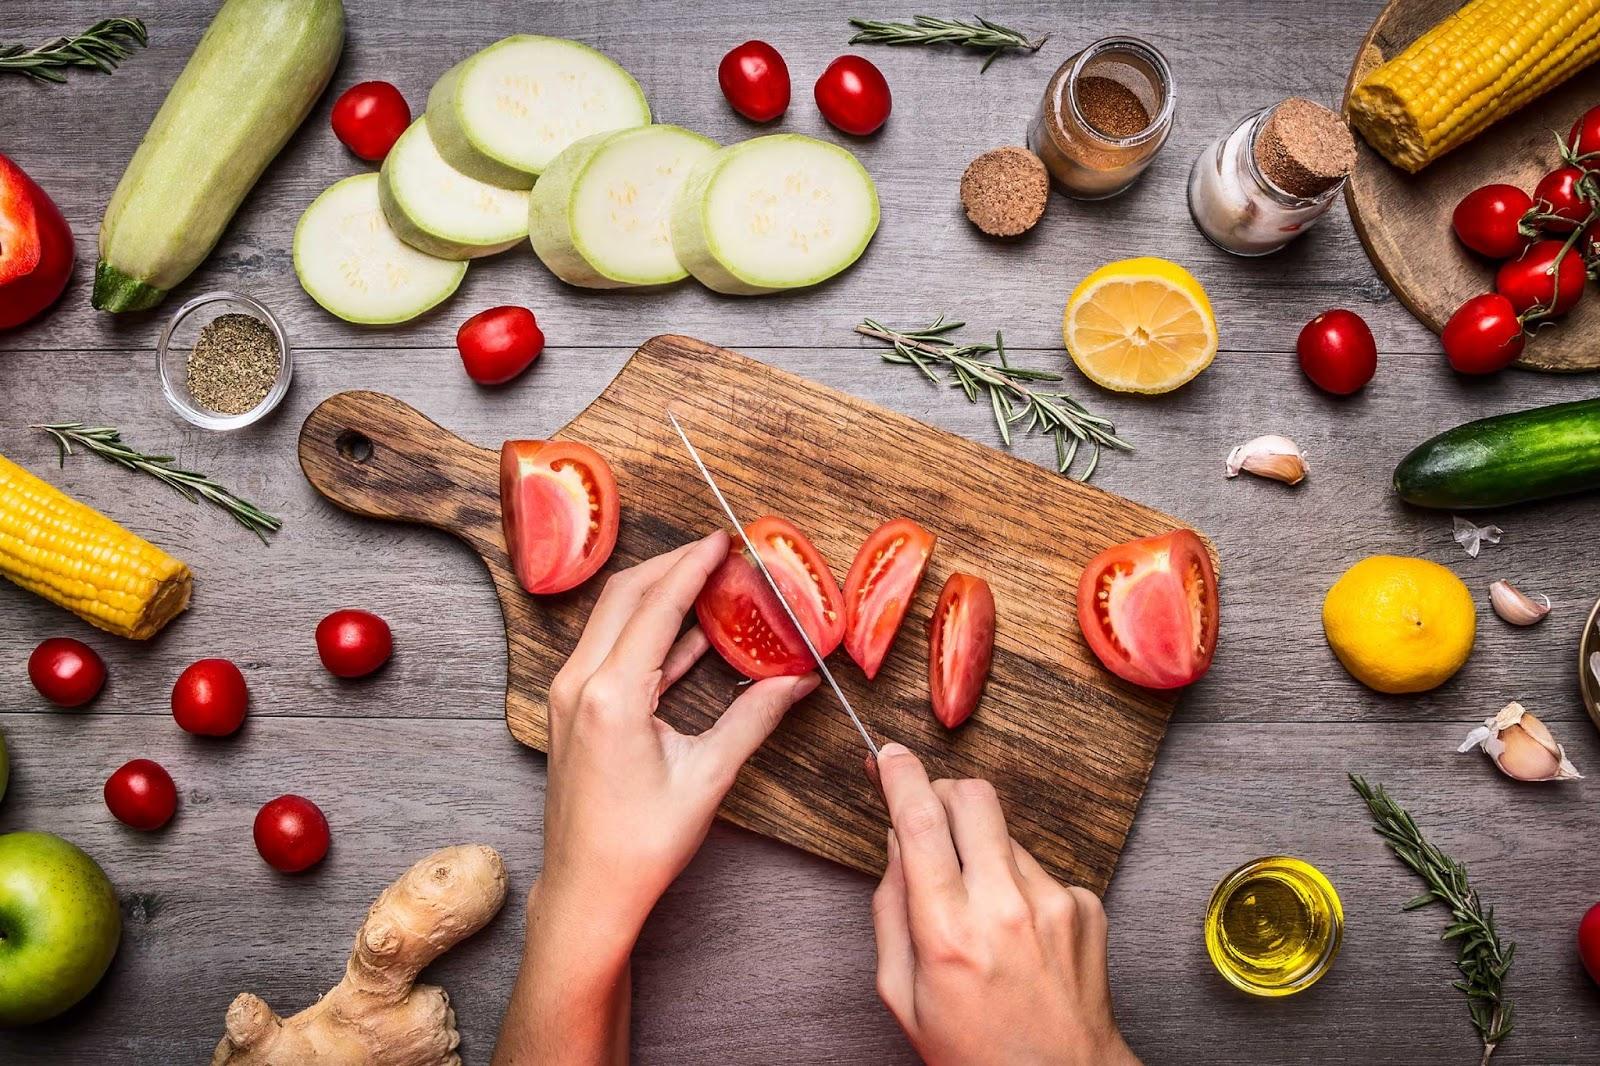 Dilakukan Seperti Ini, Diet Vegan Justru Bisa Bikin Gemuk